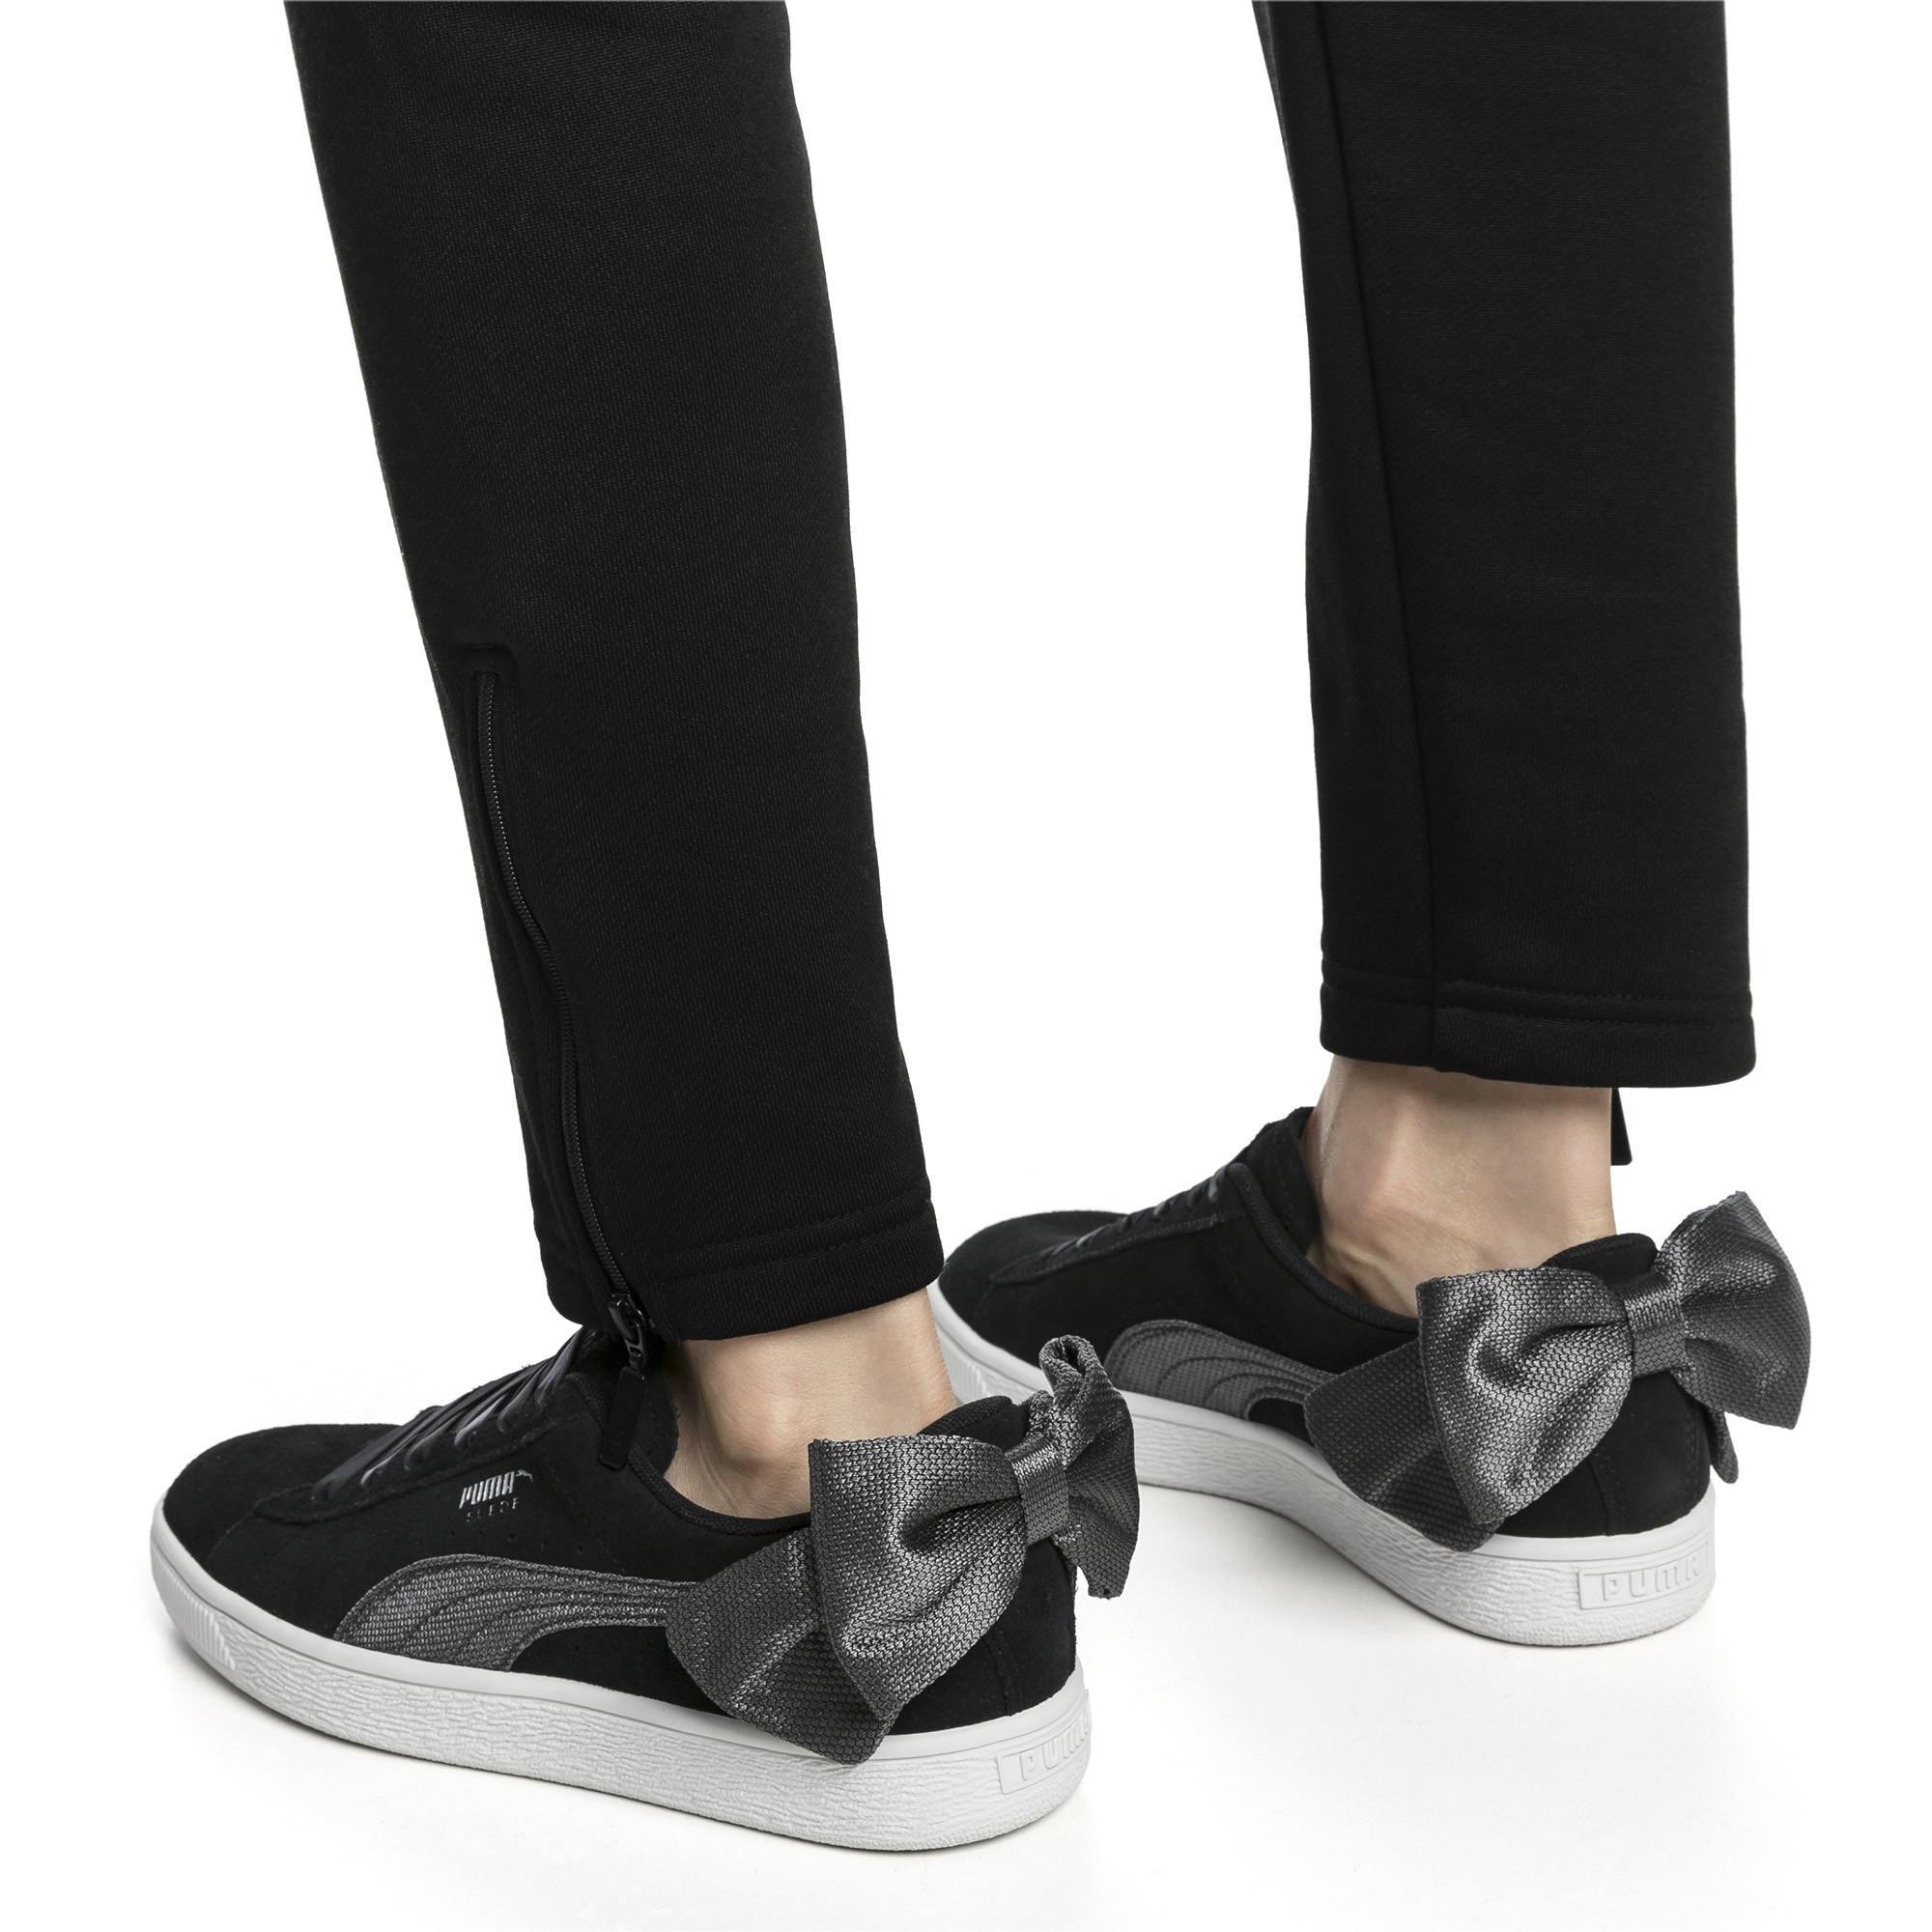 Suede Bow Hexamesh Women's Sneakers